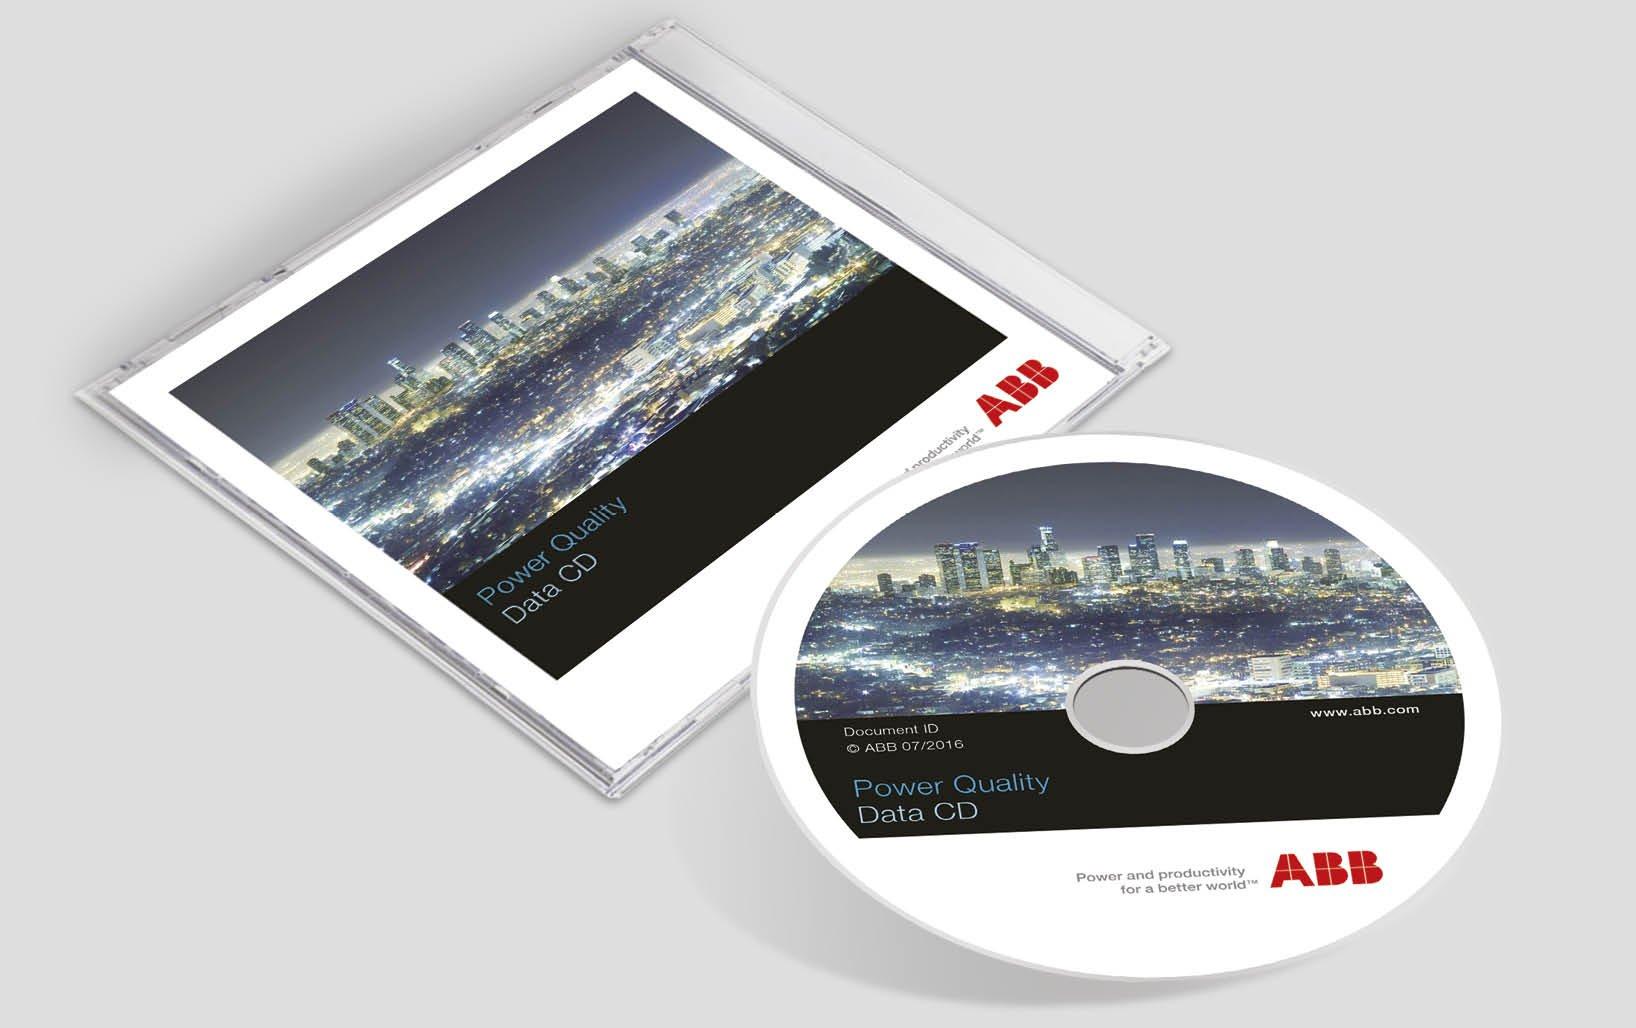 ABB CDrom Design